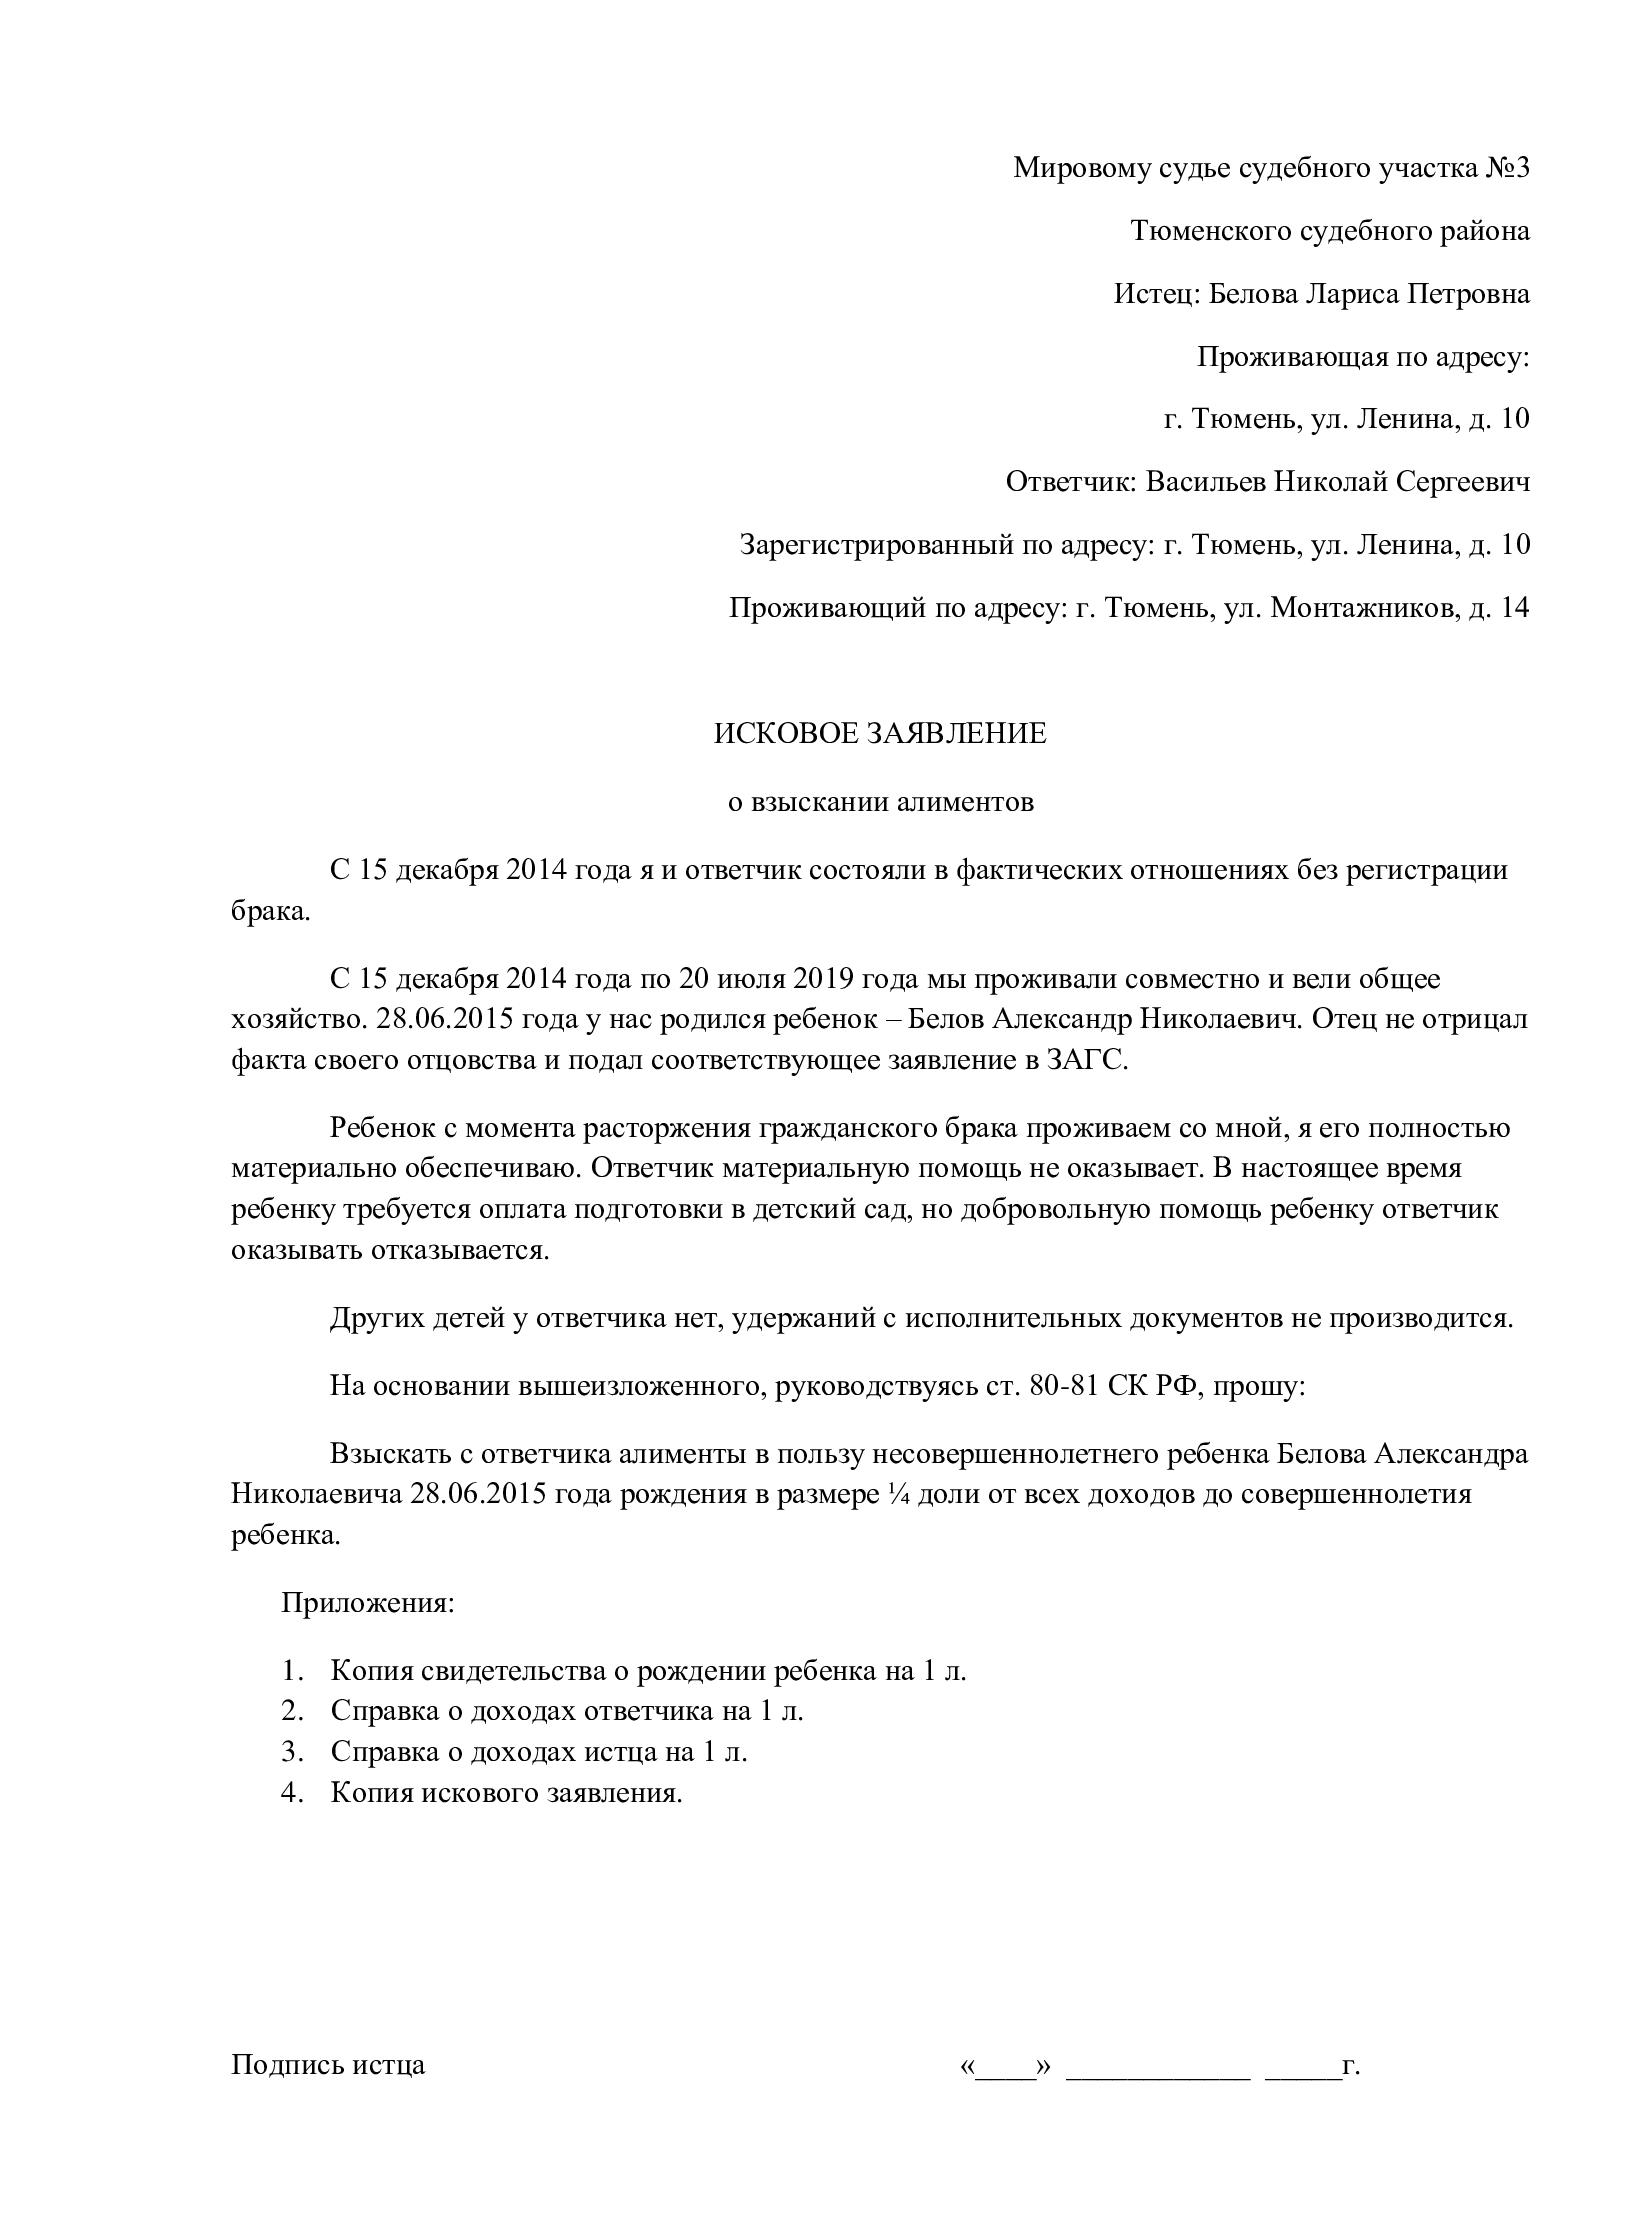 Исковое заявления об взыскании алиментов